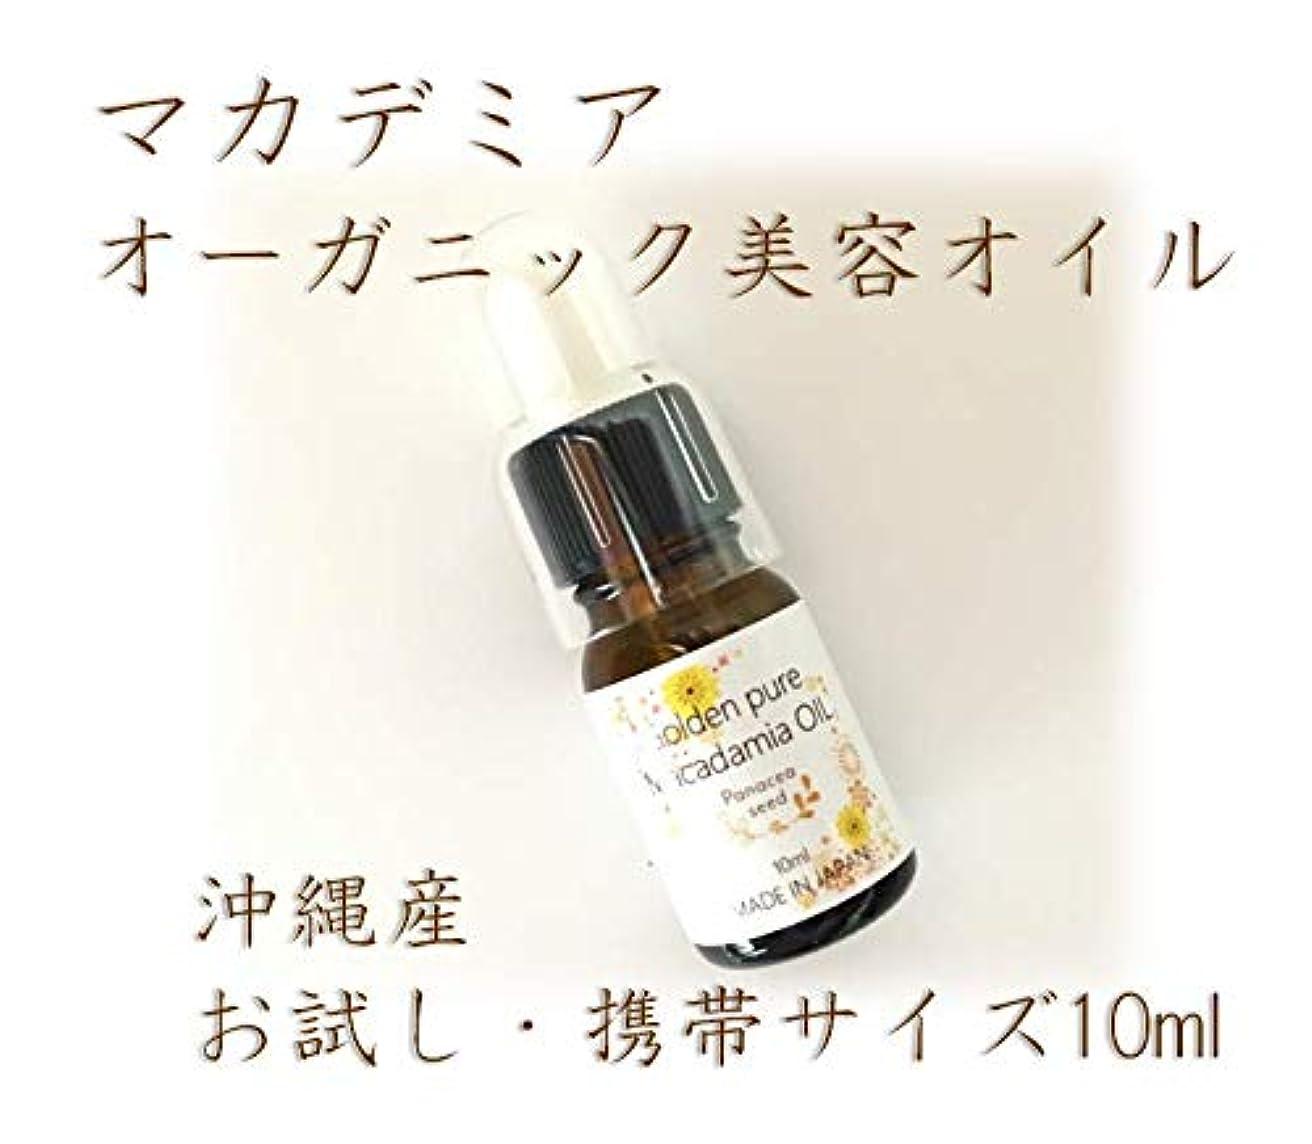 定義する思い出させる弱いパナシアシード マカデミアオイル10ml(100%ビュア美容オイル)